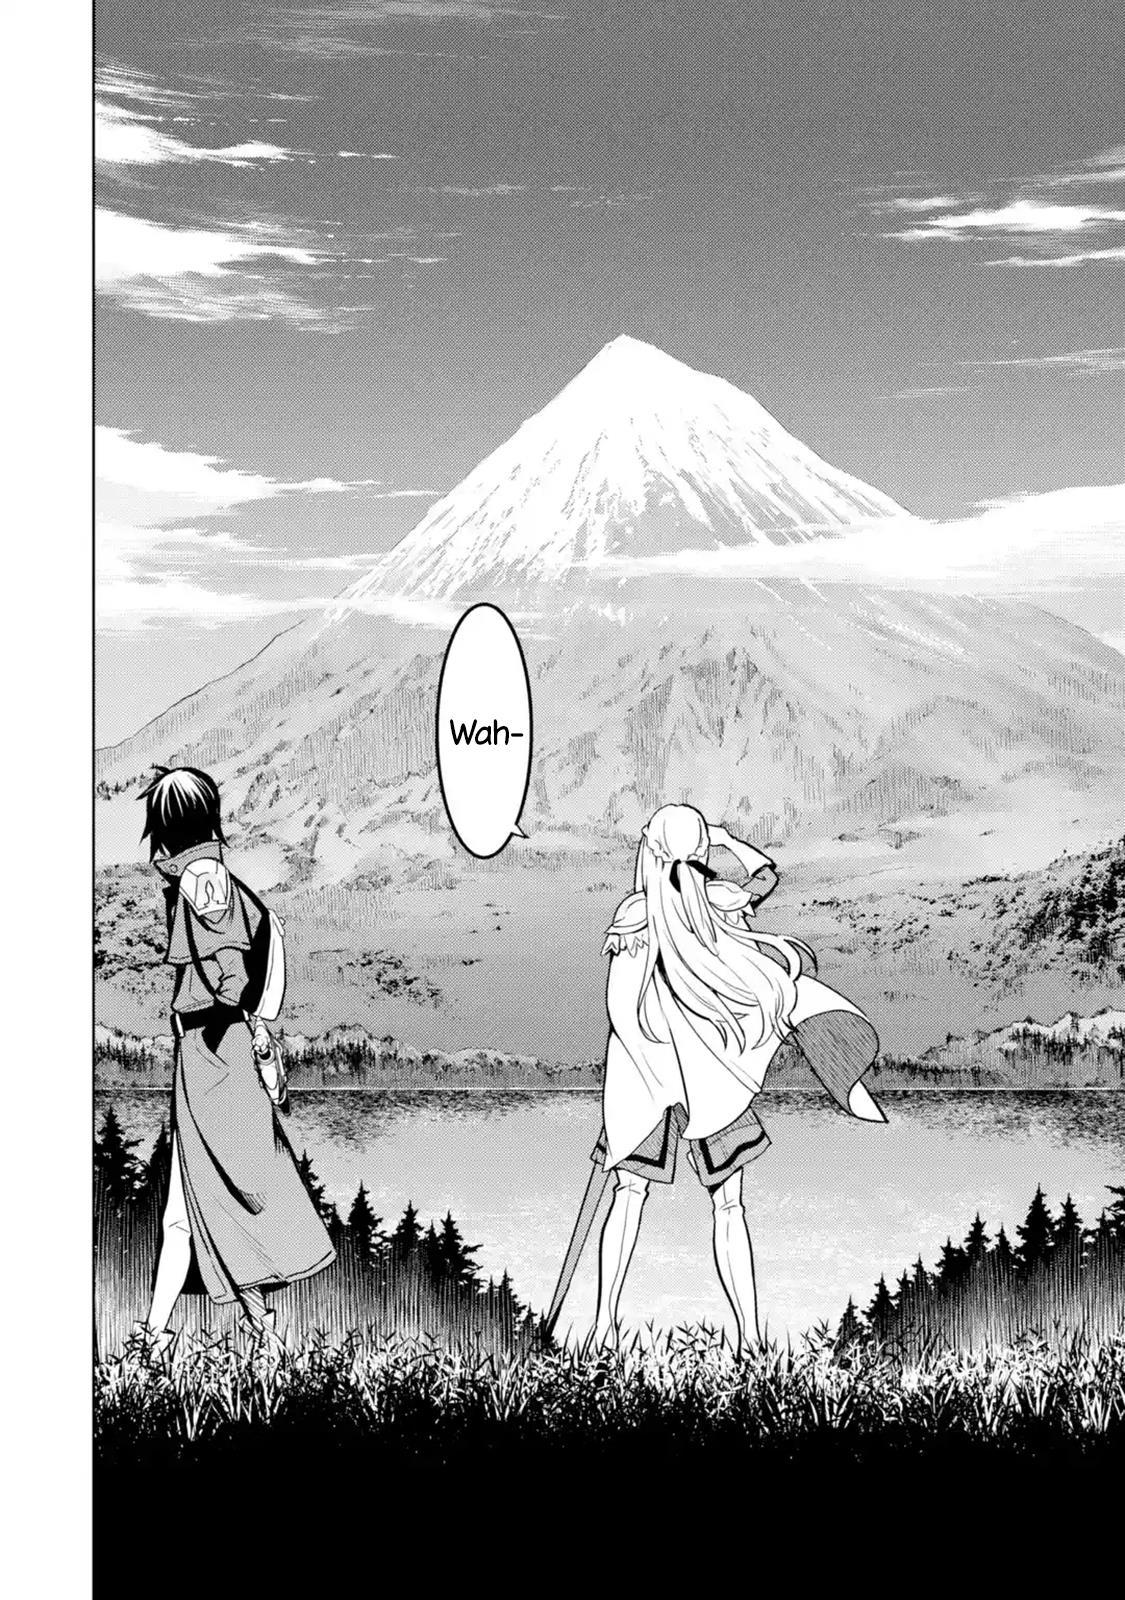 Koko Ha Ore Ni Makasete Saki Ni Ike To Ittekara Jyunen Ga Tattara Densetsu Ni Natteita. Chapter 4.4 gambar ke 5